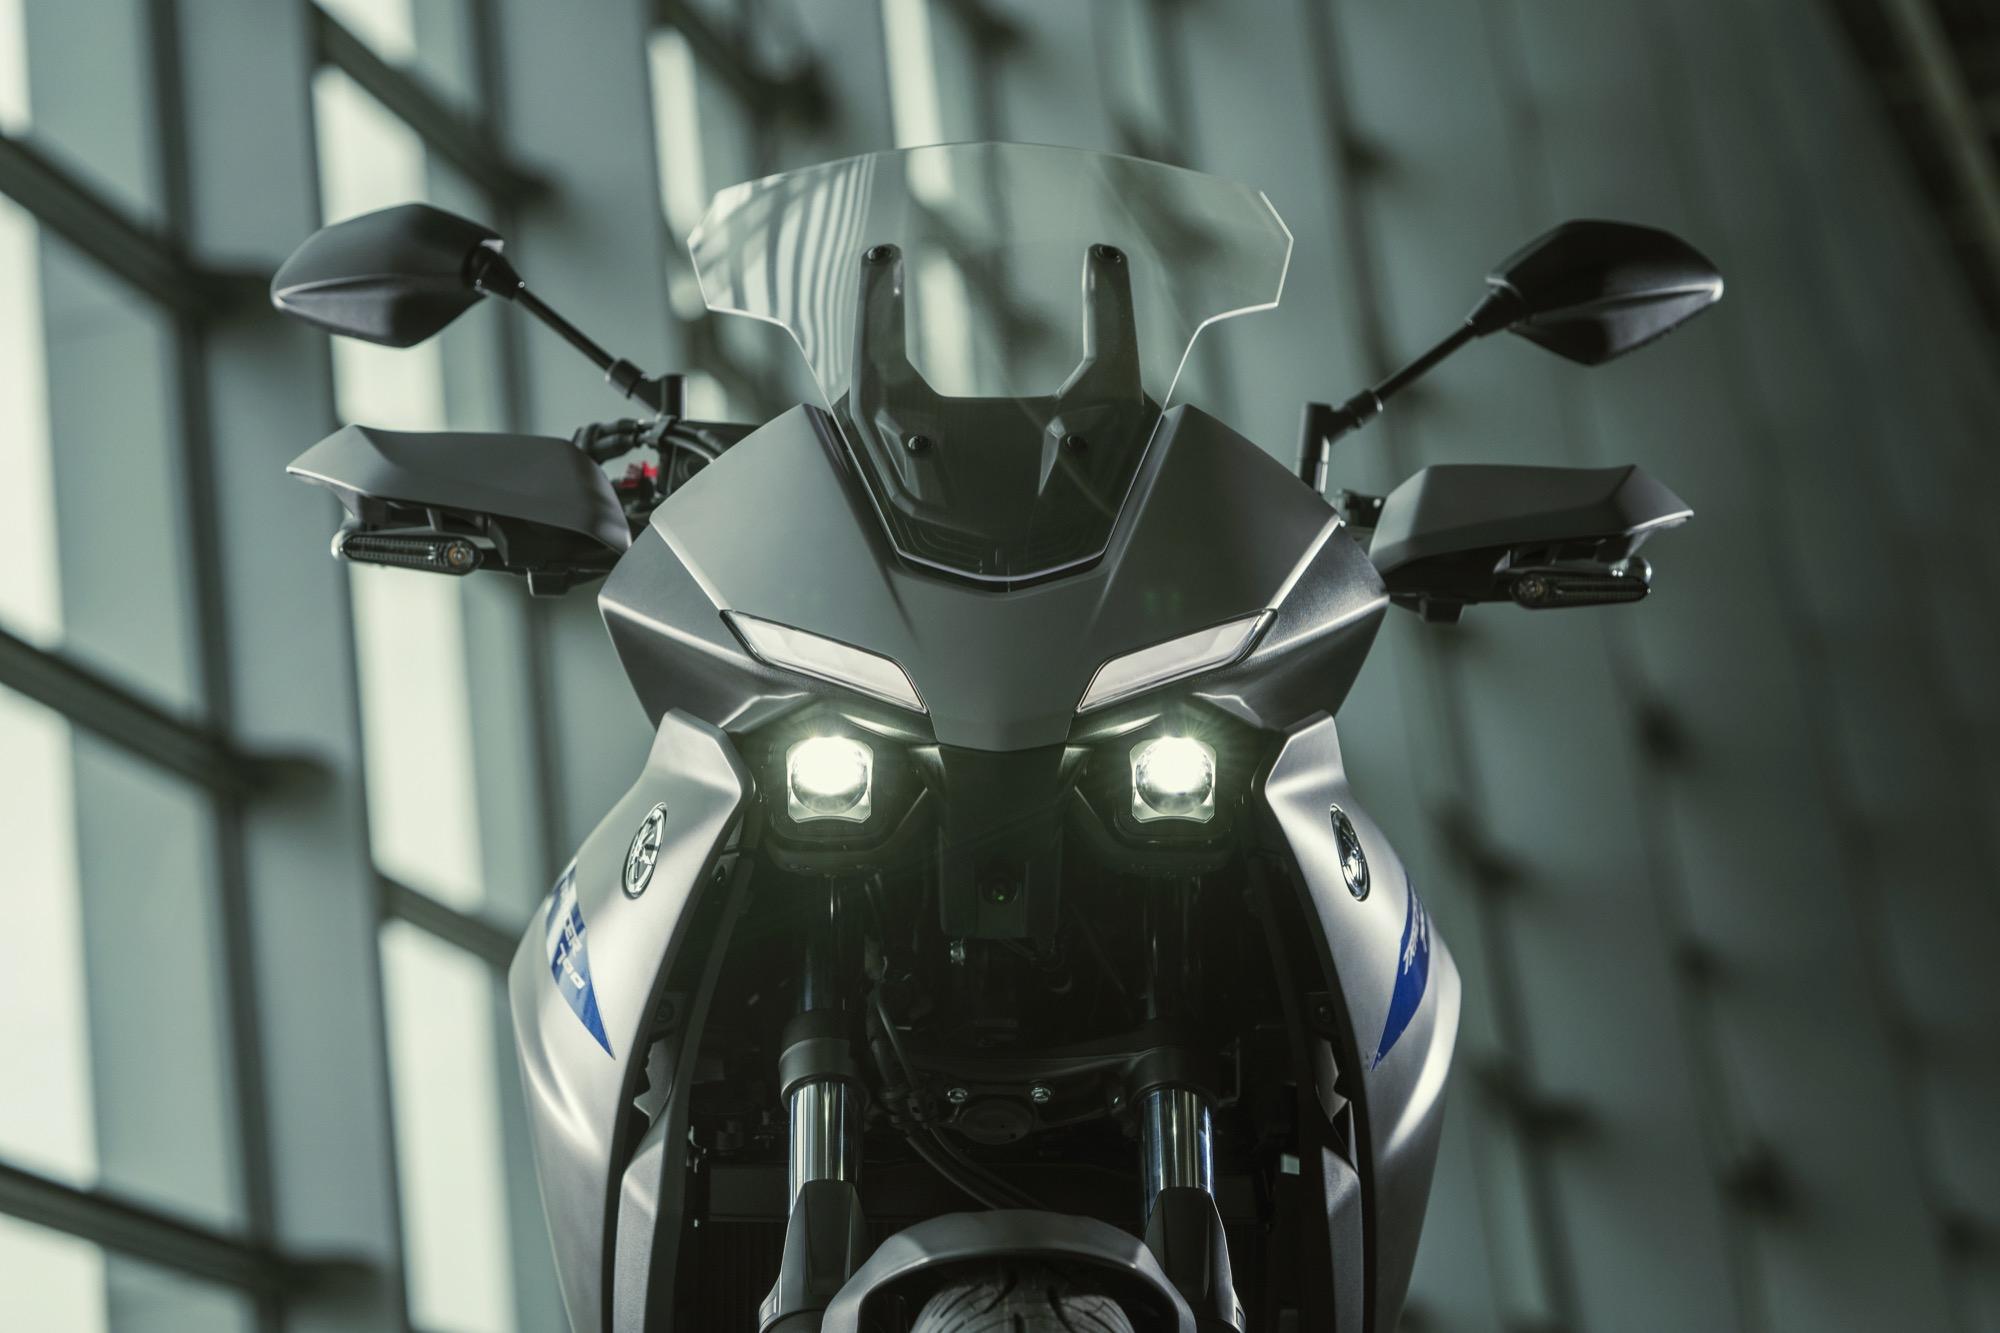 Yamaha Tracer 700 2020, impactante rediseño de la sport-touring más ligera de su segmento